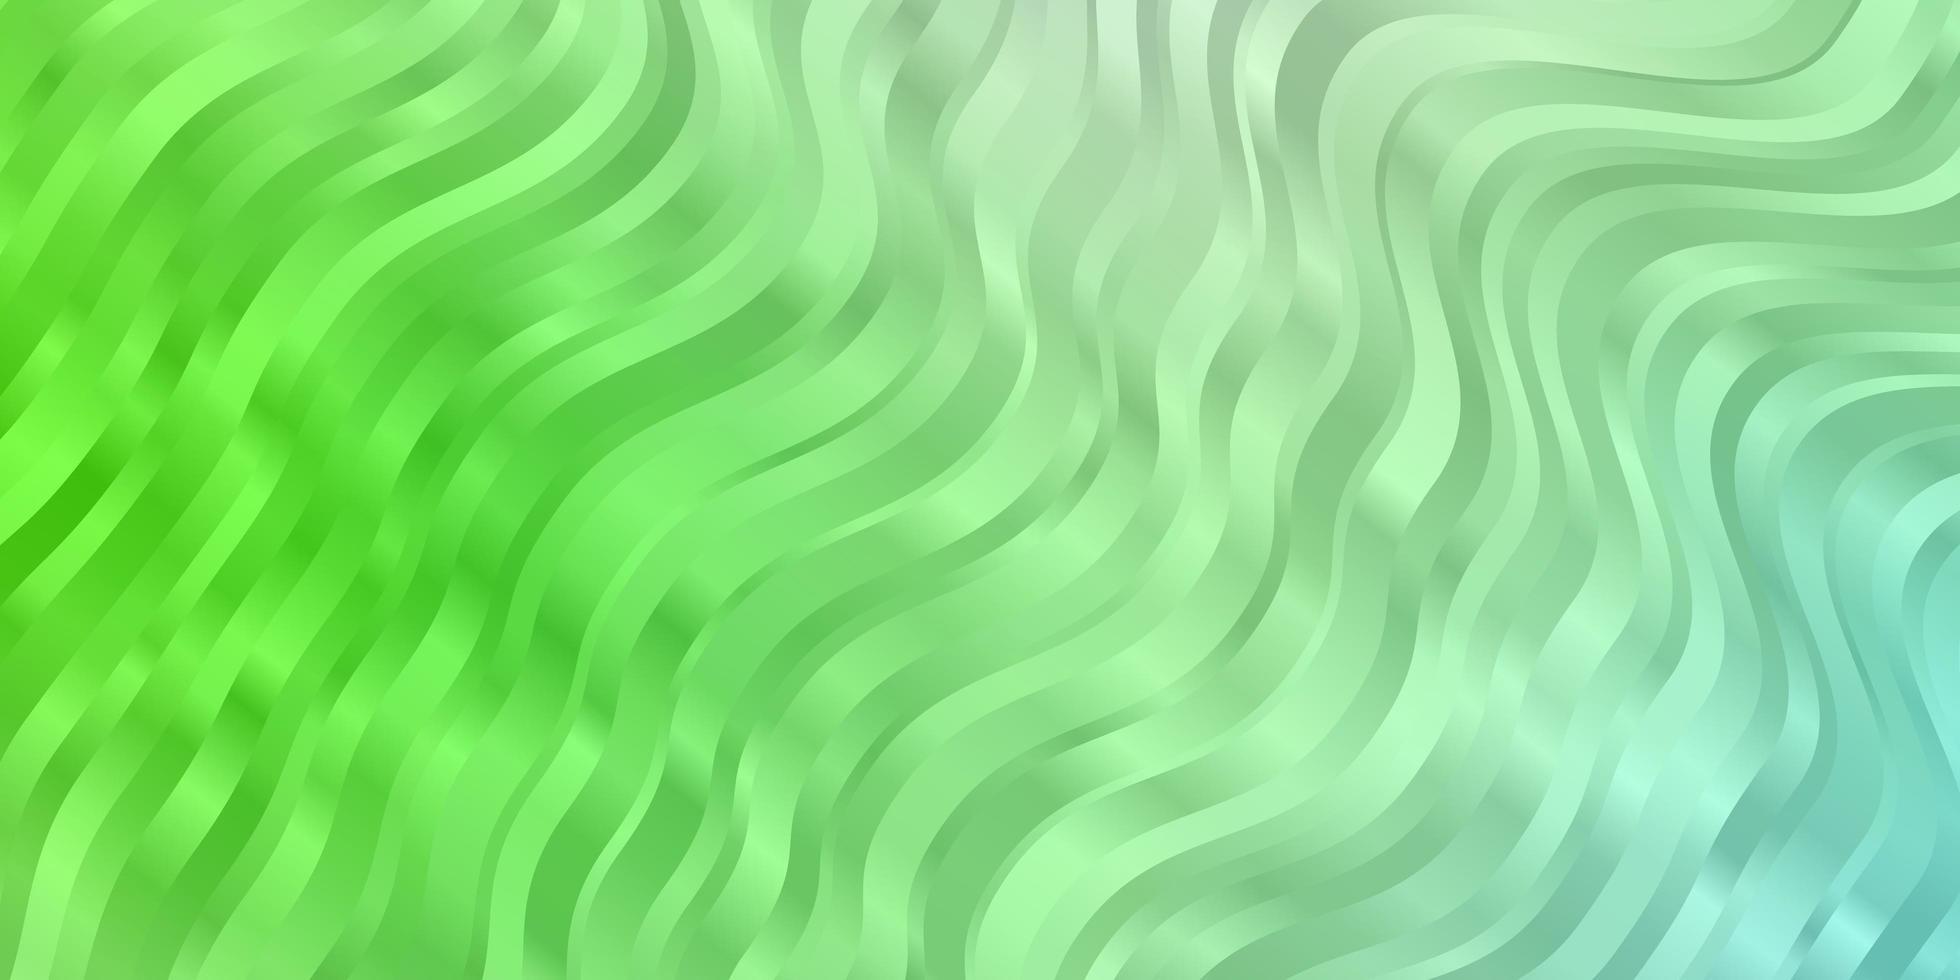 hellgrüner Vektorhintergrund mit Kurven. vektor